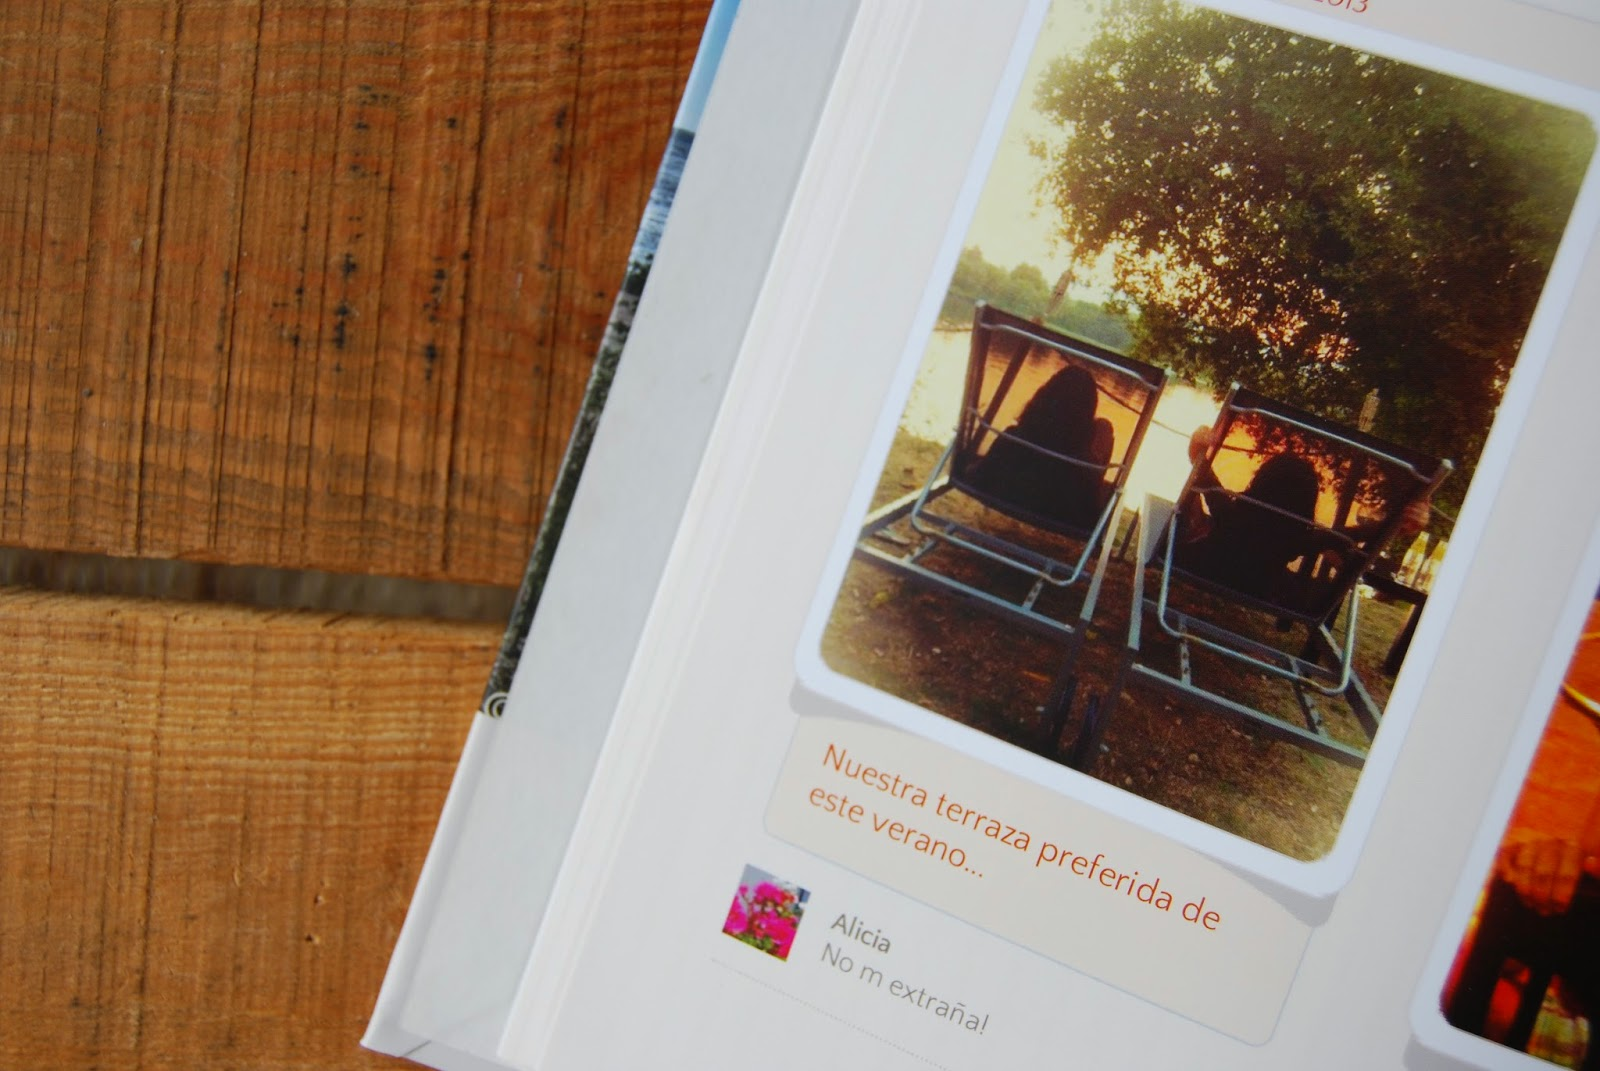 http://sosunnyblog.blogspot.com.es/2014/10/tweekaboo-otro-manera-de-conservar-tus.html